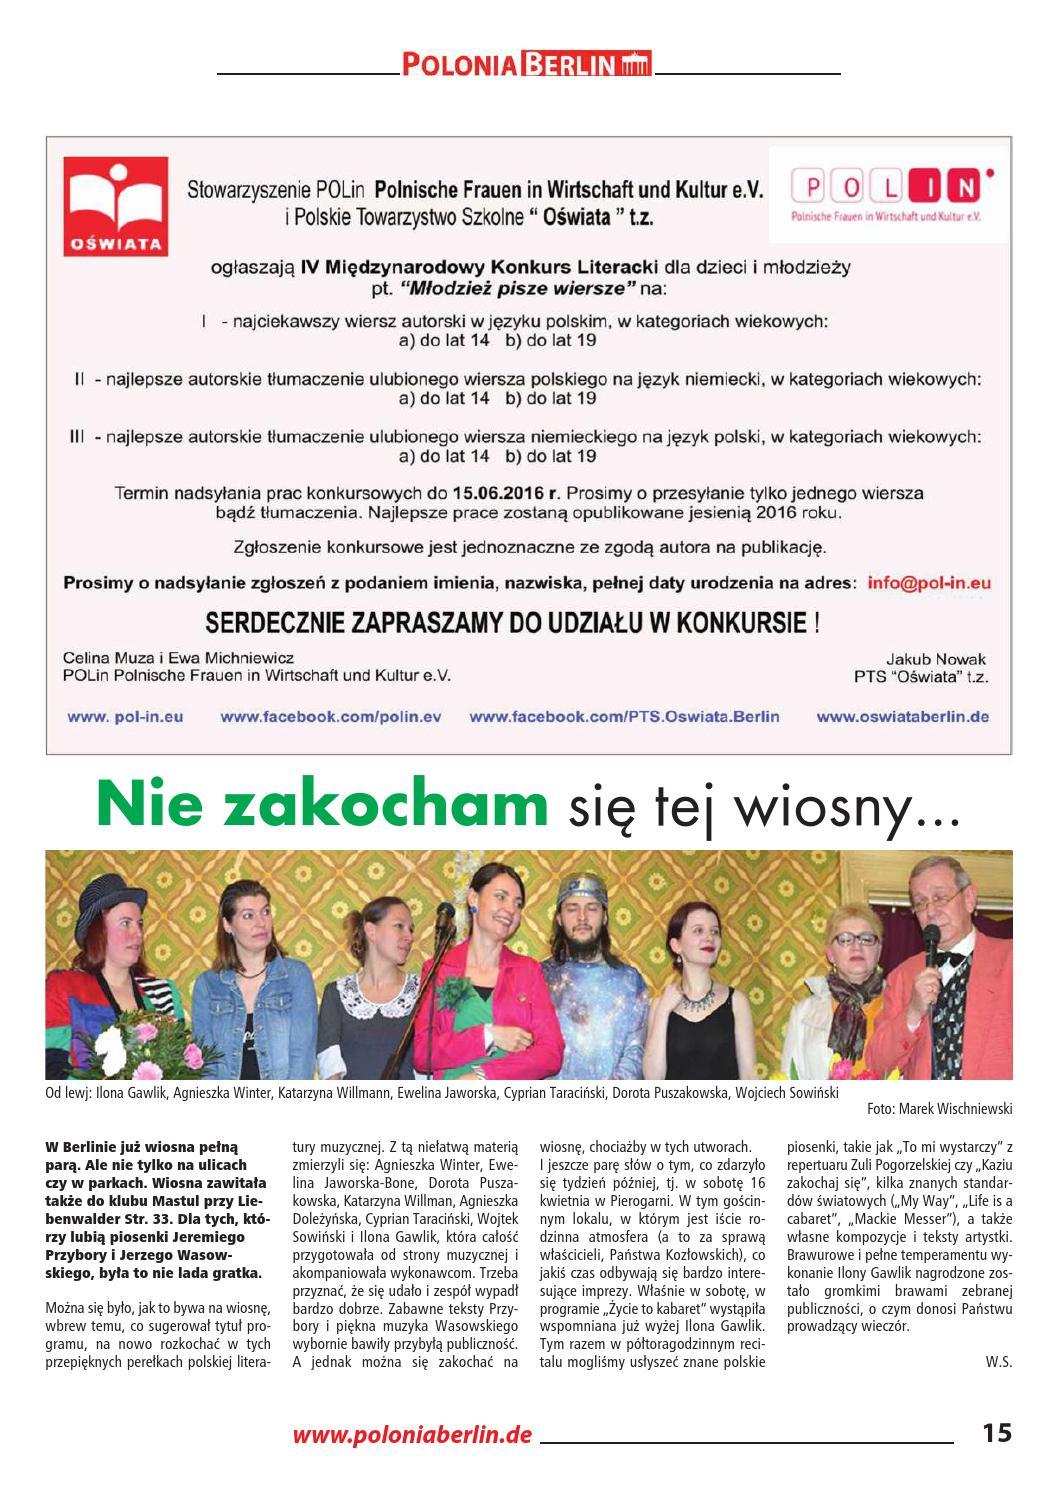 Gazeta Poloniaberlinde Maj 2016 By Gazeta Polonia Berlin